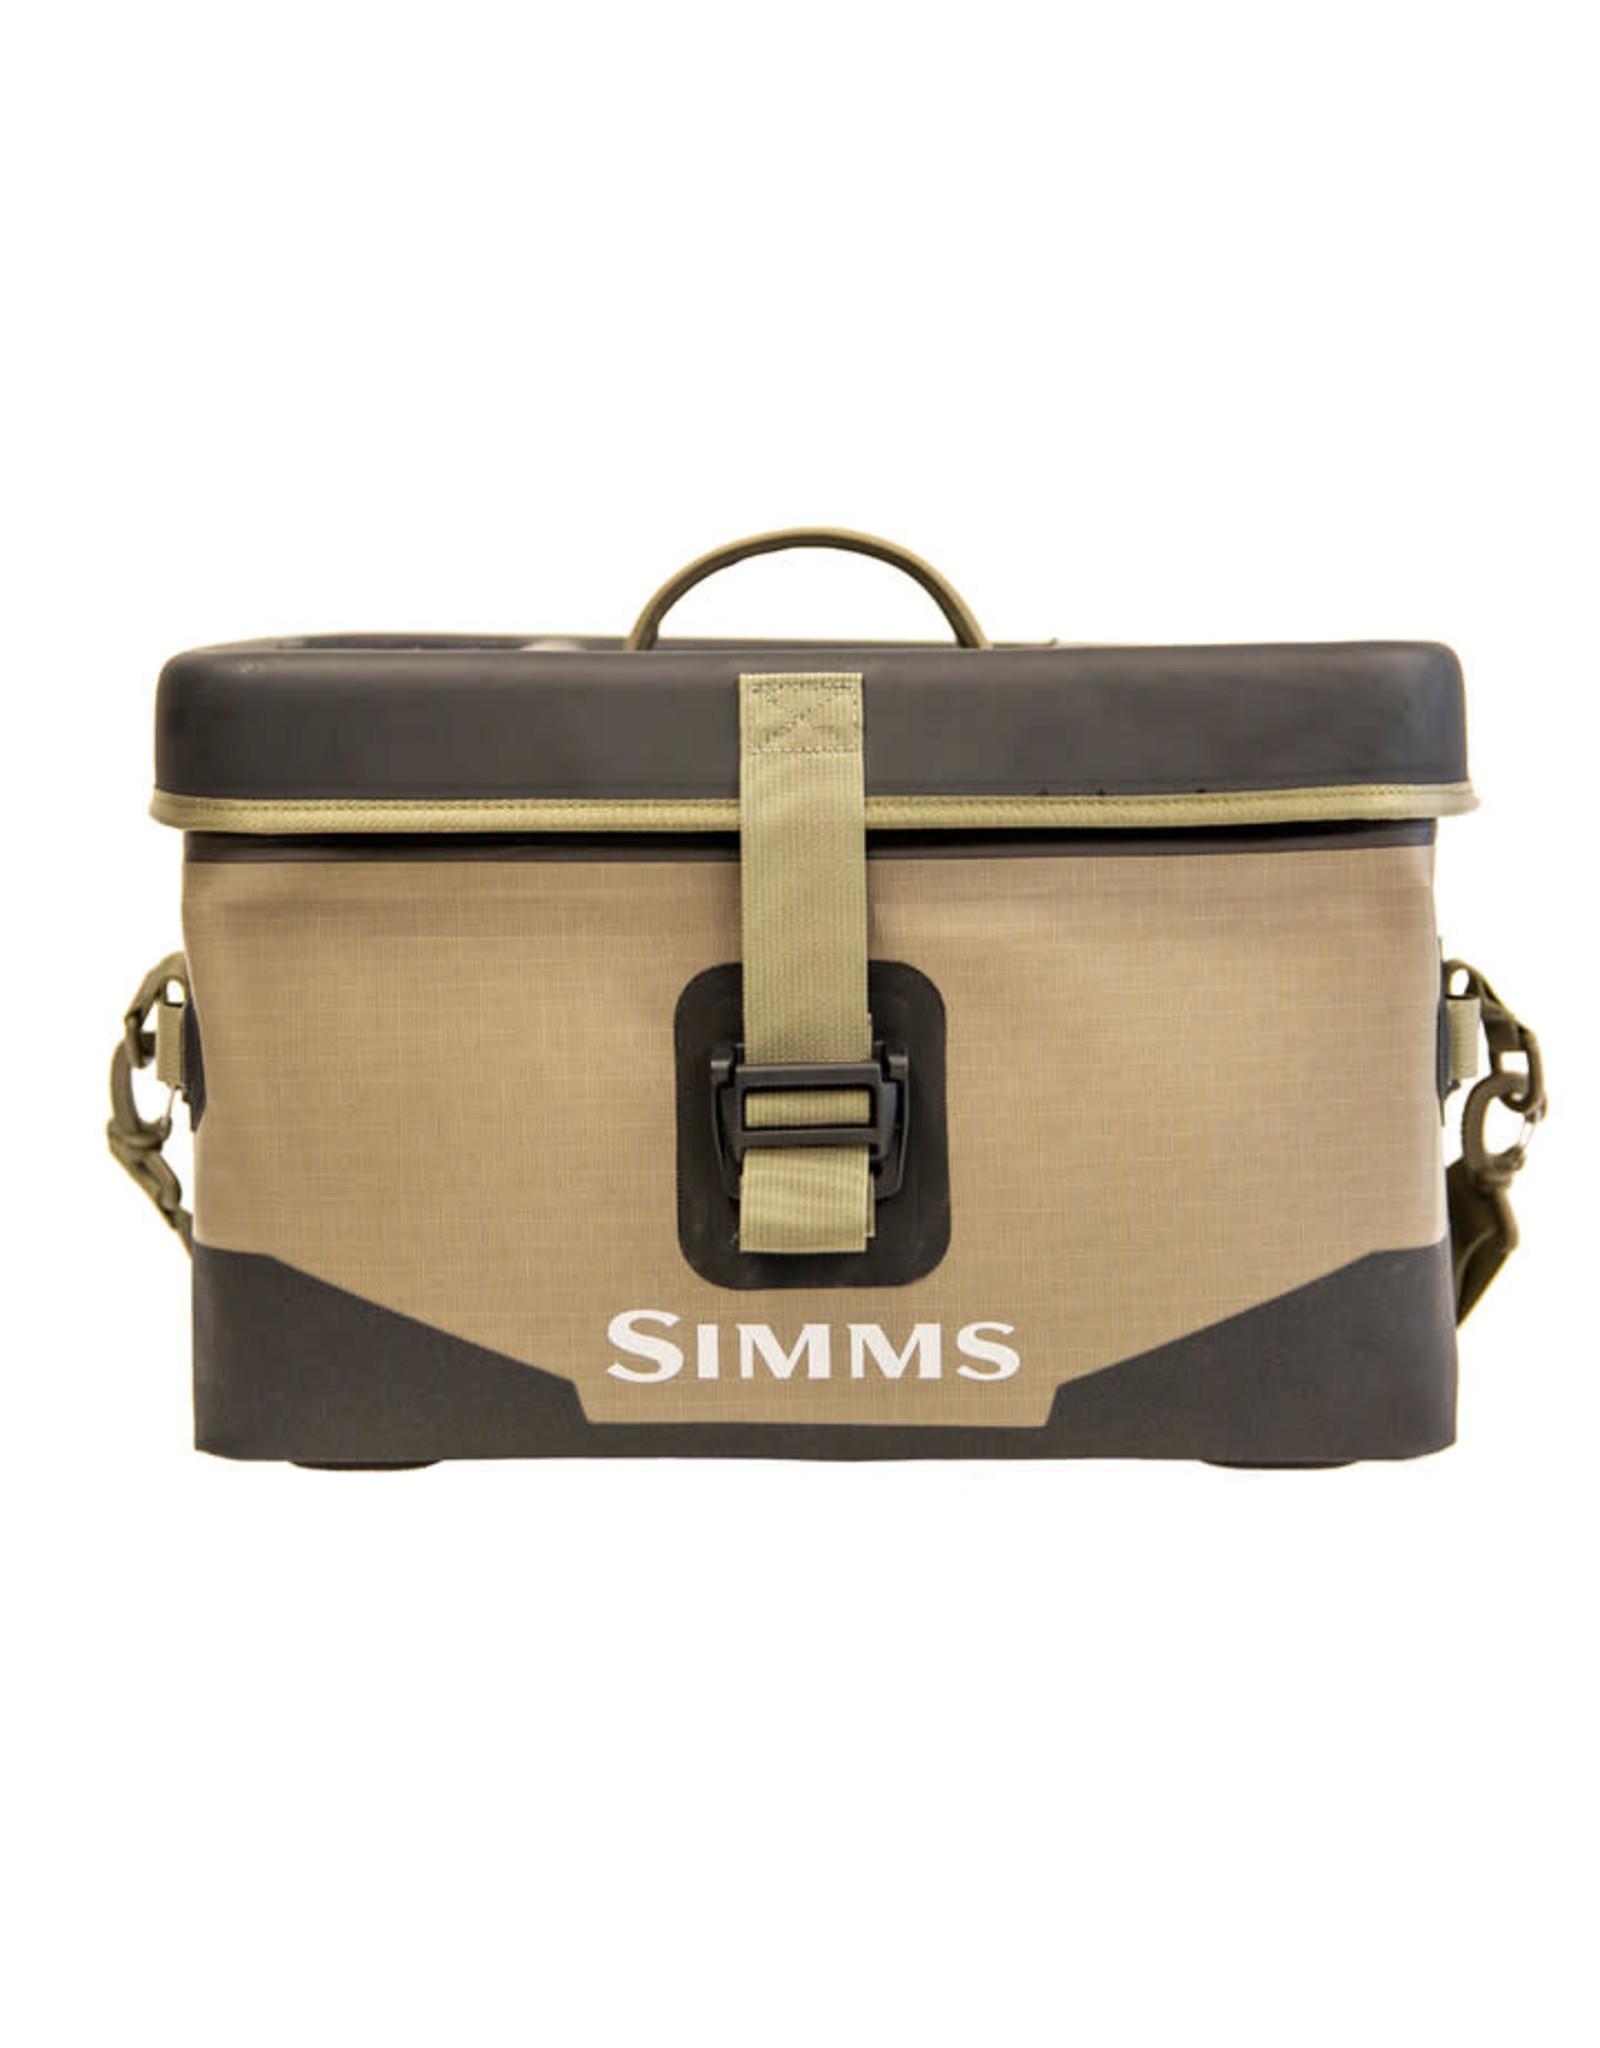 SIMMS SIMMS DRY CREEK BOAT BAG LARGE - 40L TAN